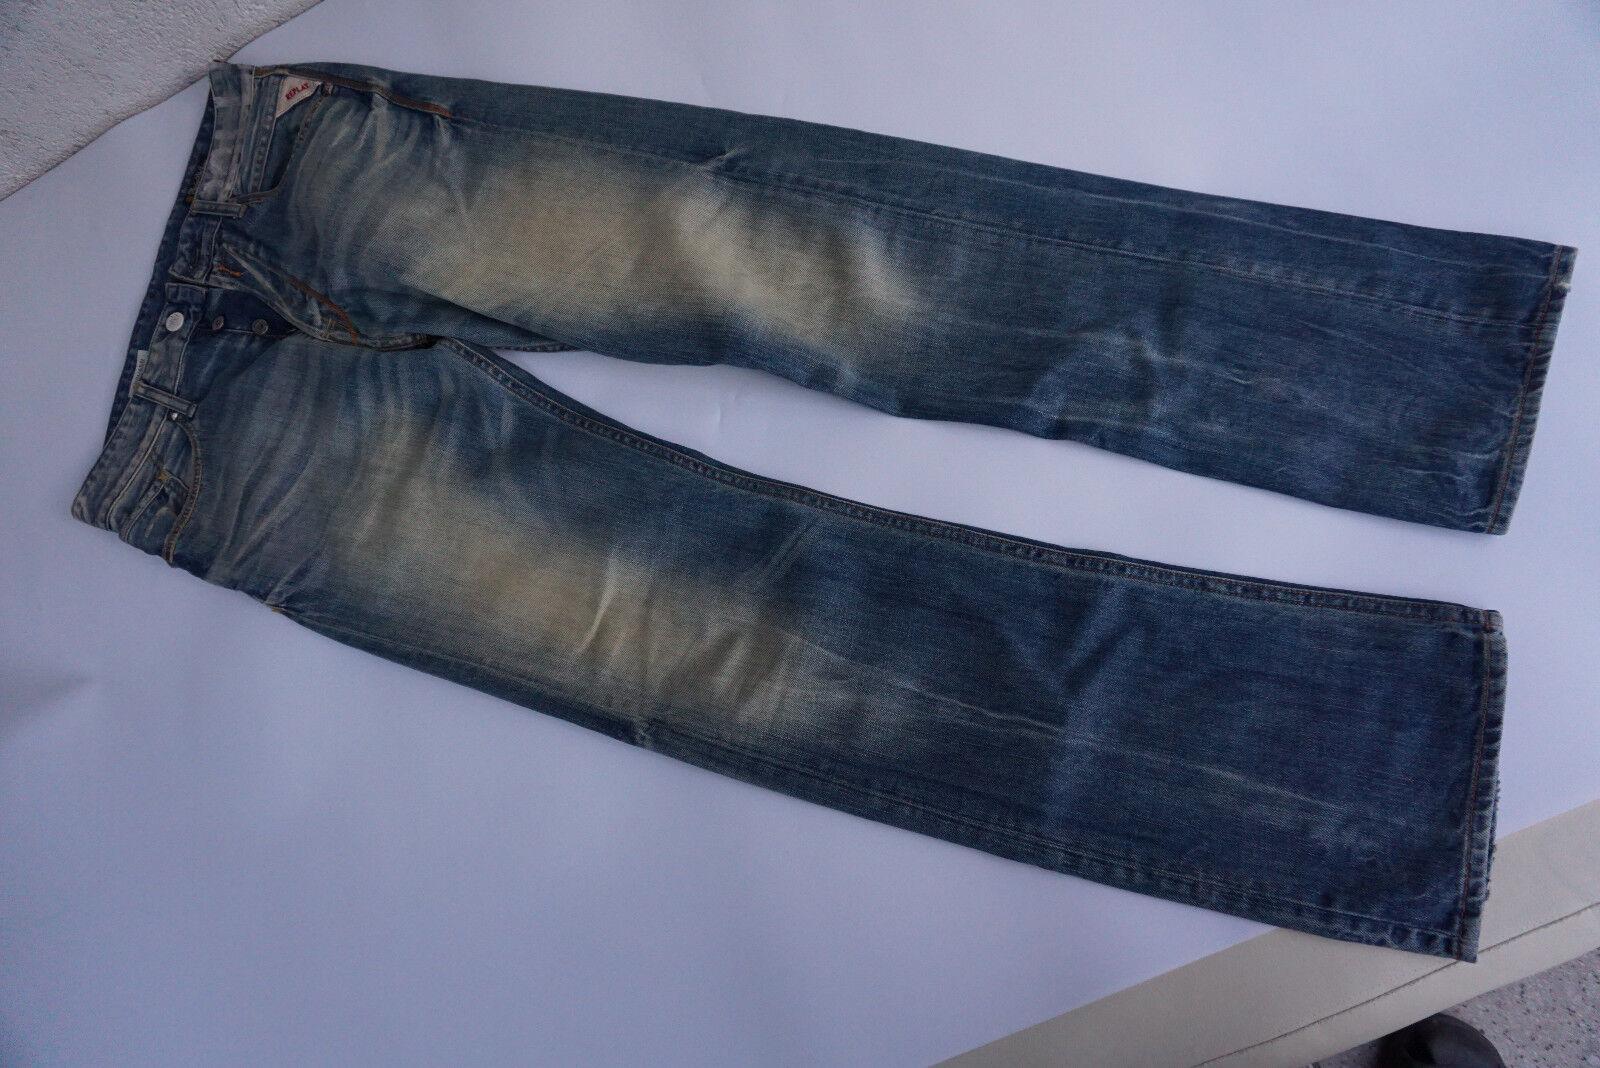 REPLAY Browann Herren Jeans Hose 29 32 W29 L32 used look blau Vintage TOP  8k    Niedriger Preis und gute Qualität    Bekannt für seine hervorragende Qualität    Ein Gleichgewicht zwischen Zähigkeit und Härte